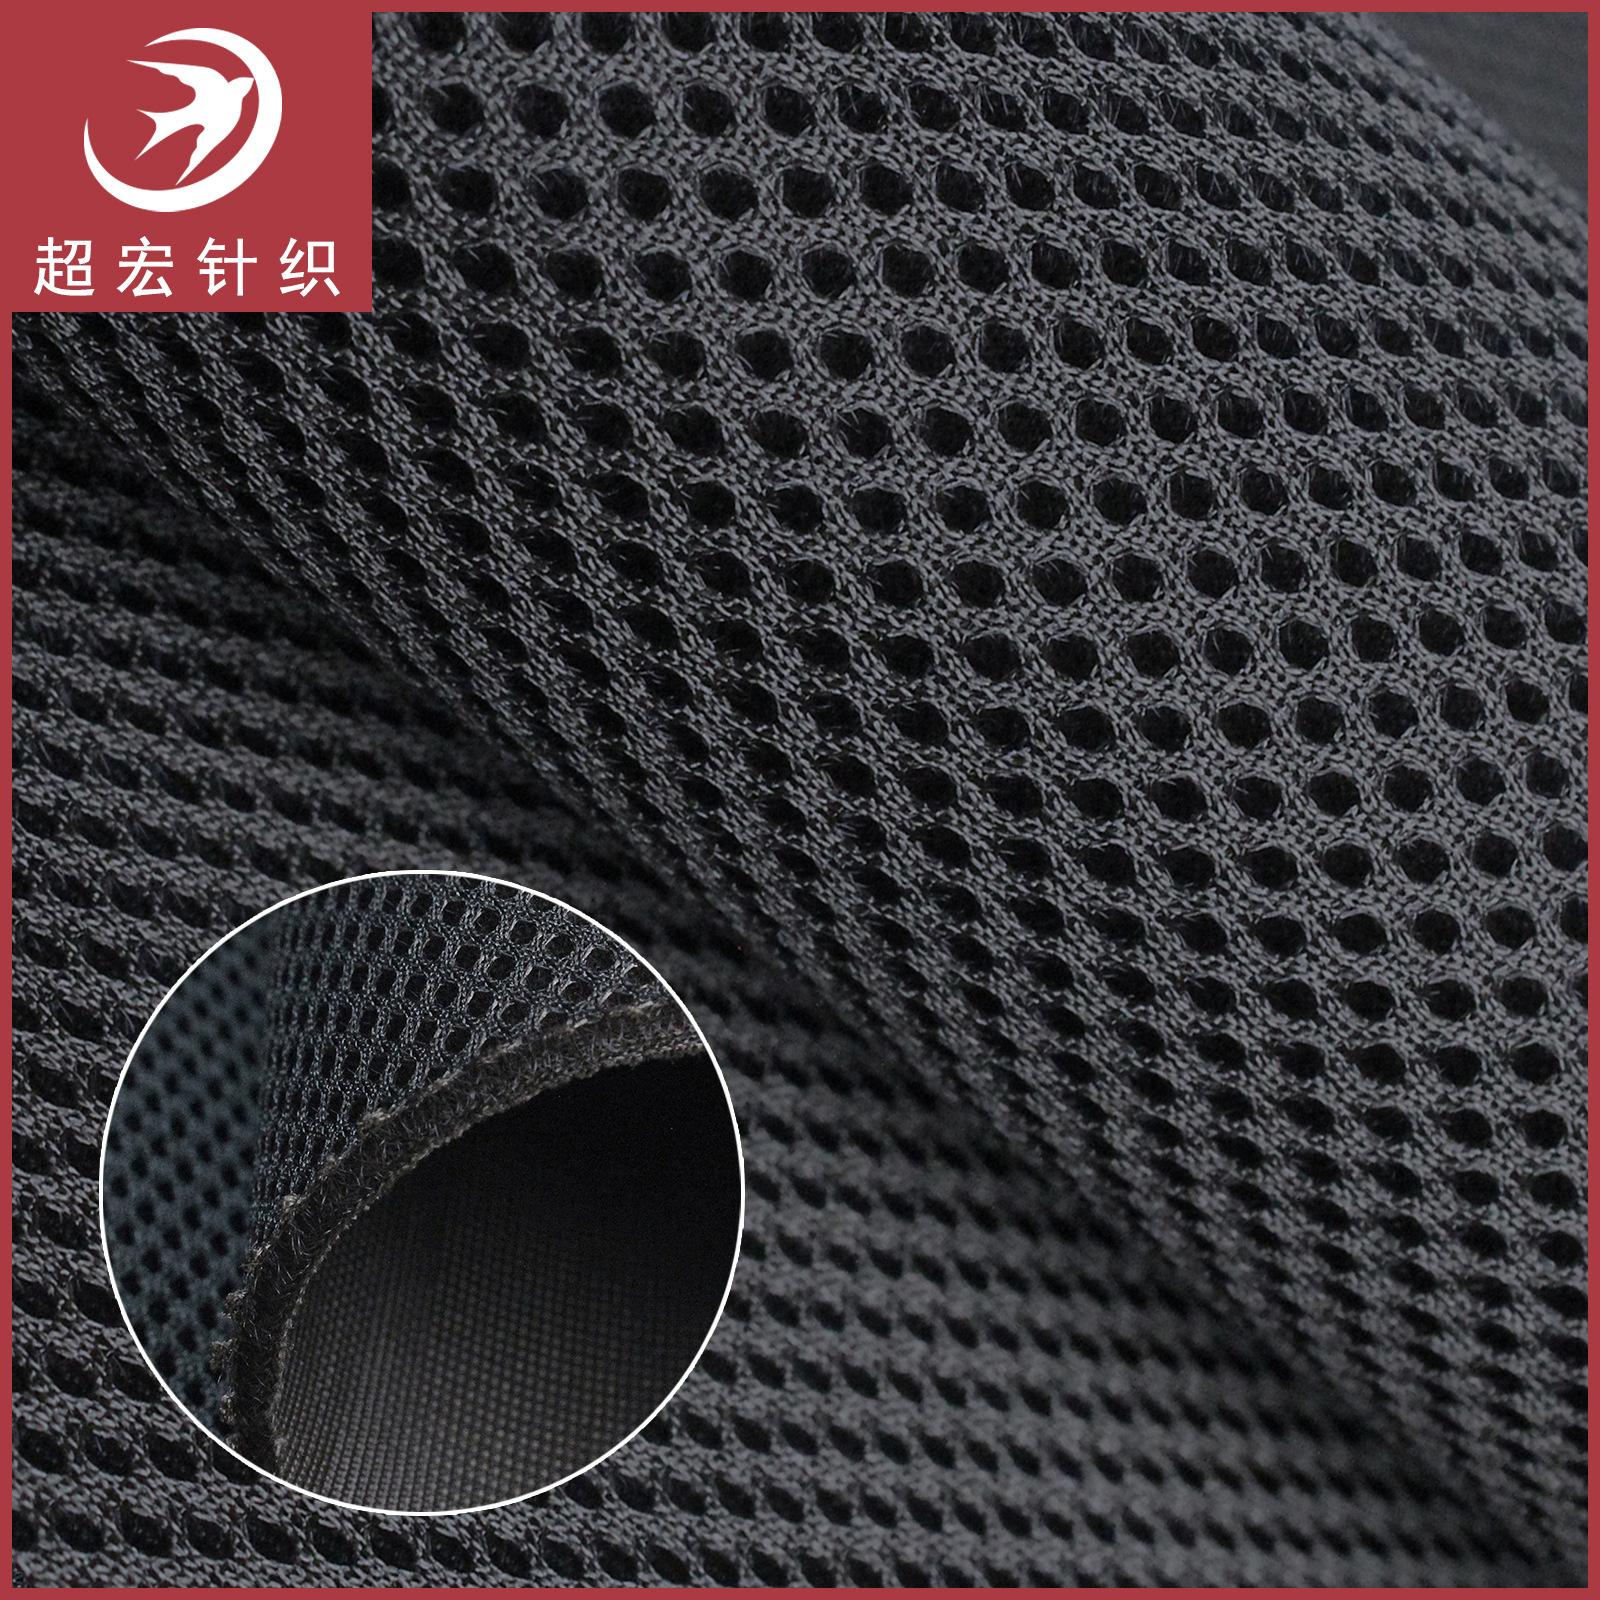 CHAOHONG Vải lưới Polyester 3D Thông thường Sandwich Lưới Vải Ba chiều Tròn Lỗ Dày Lưới Kneepad Vải